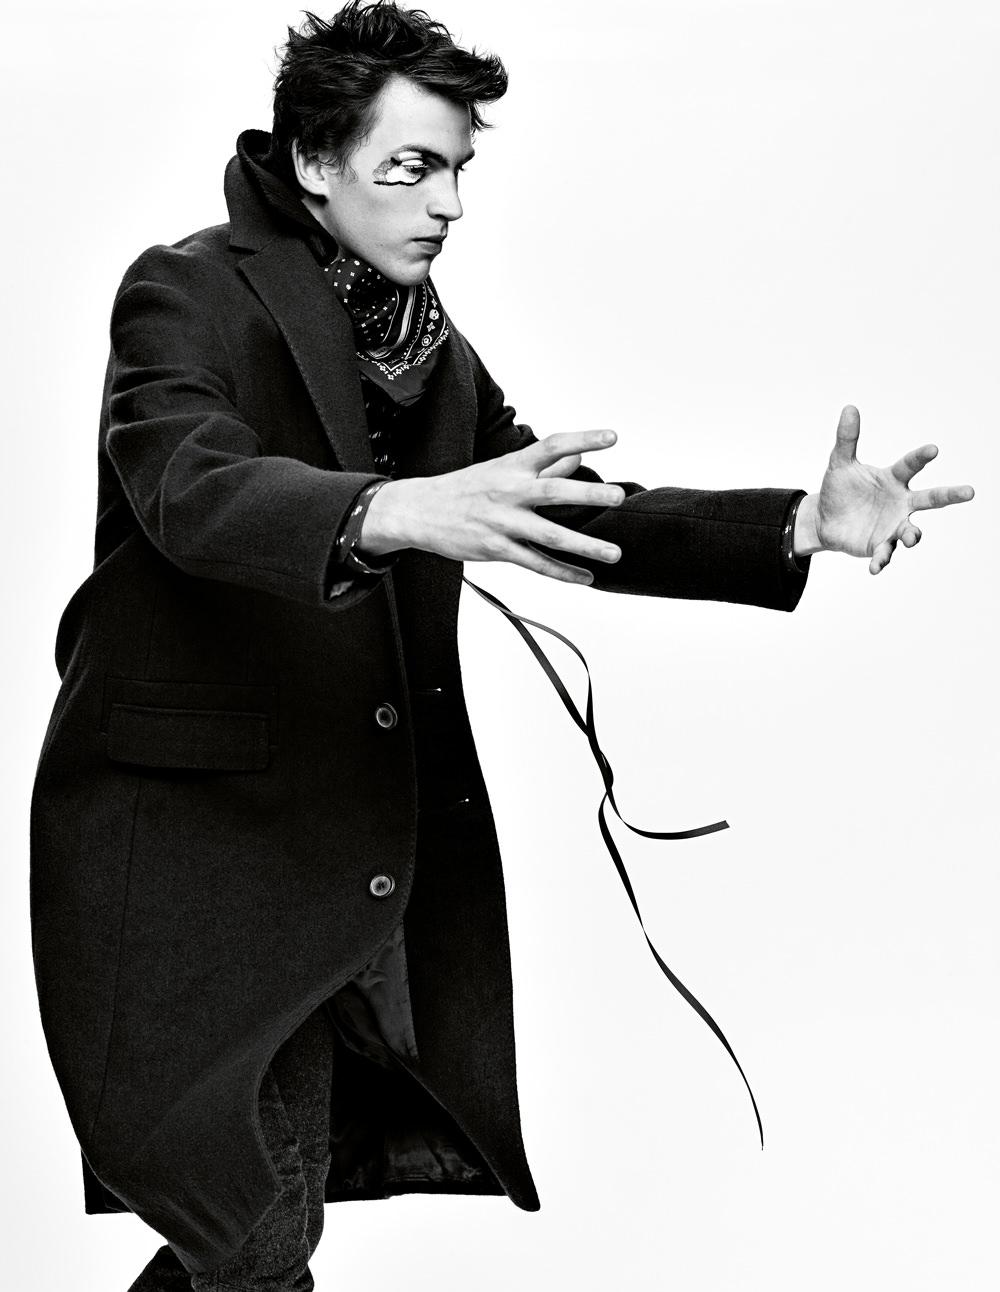 Manteau en laine et coton, et pantalon en laine, Lanvin. Chemise en coton, Louis Vuitton. Bandana, Coach. Ruban, Mokuba.  Retrouvez cette série dans son intégralité dans leNuméro Homme Force automne-hiver 2015, disponible actuellement en kiosque et sur iPad.   →Abonnez-vous au magazine Numéro →Abonnez-vous à l'application iPad Numéro   Réalisation : Paul Sinclaire assisté de Walker Hinerman. Mannequins : Mateo Fontalvo chez RequestModels. Raphael Wolf chez Click Models. Marshall Brockley chez Request Models. Jeremy Ruehlemann chez Request Models. John Waldo chez Red NYC Models. Noah Duran chez Request Models. Iain Wallacechez Request Models. Maquillage : Frank Buscarello chez The Wall Group. Coiffure : Rudy Martins chezL'Atelier. Numérique : Milk Digital. Retouche : Box Studios. Production : Society MGMT.